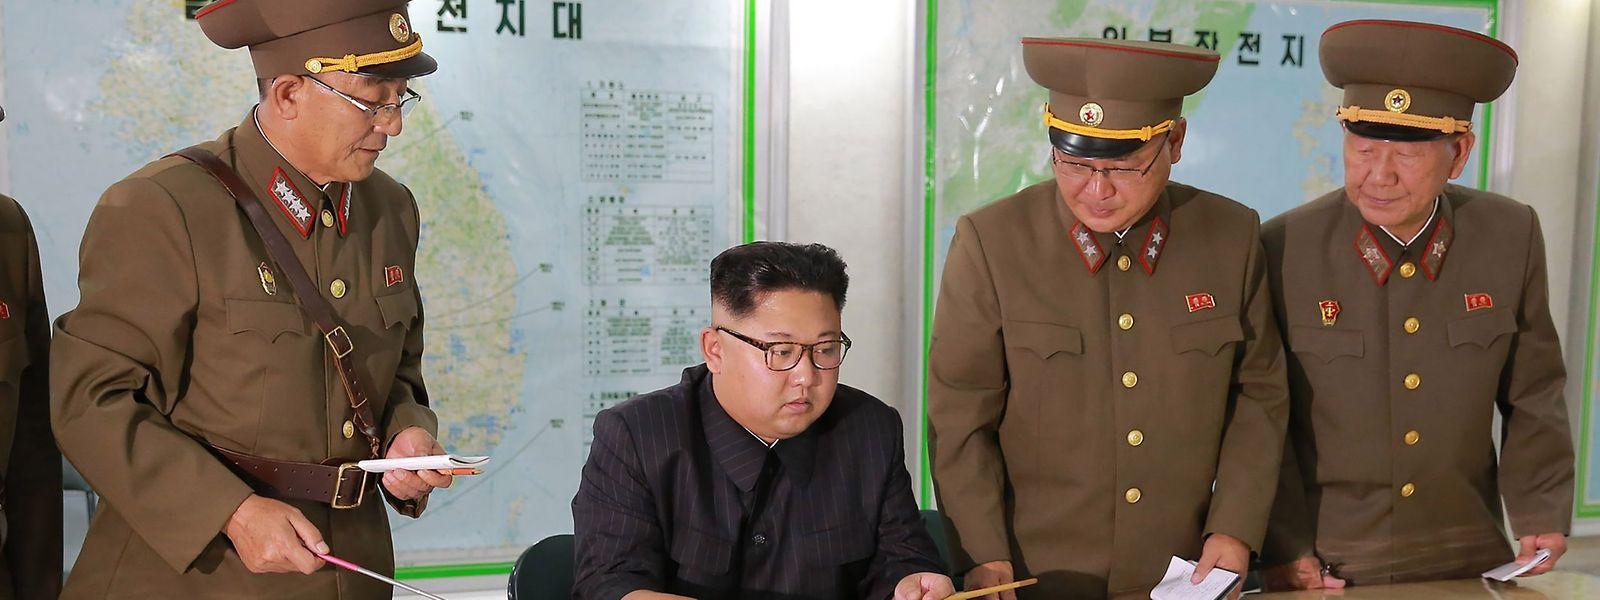 Kim Jong Un ließ sich über die Herstellung von Sprengkopfspitzen für Interkontinentalraketen (ICBM) und Festtreibstoffmotoren unterrichten.